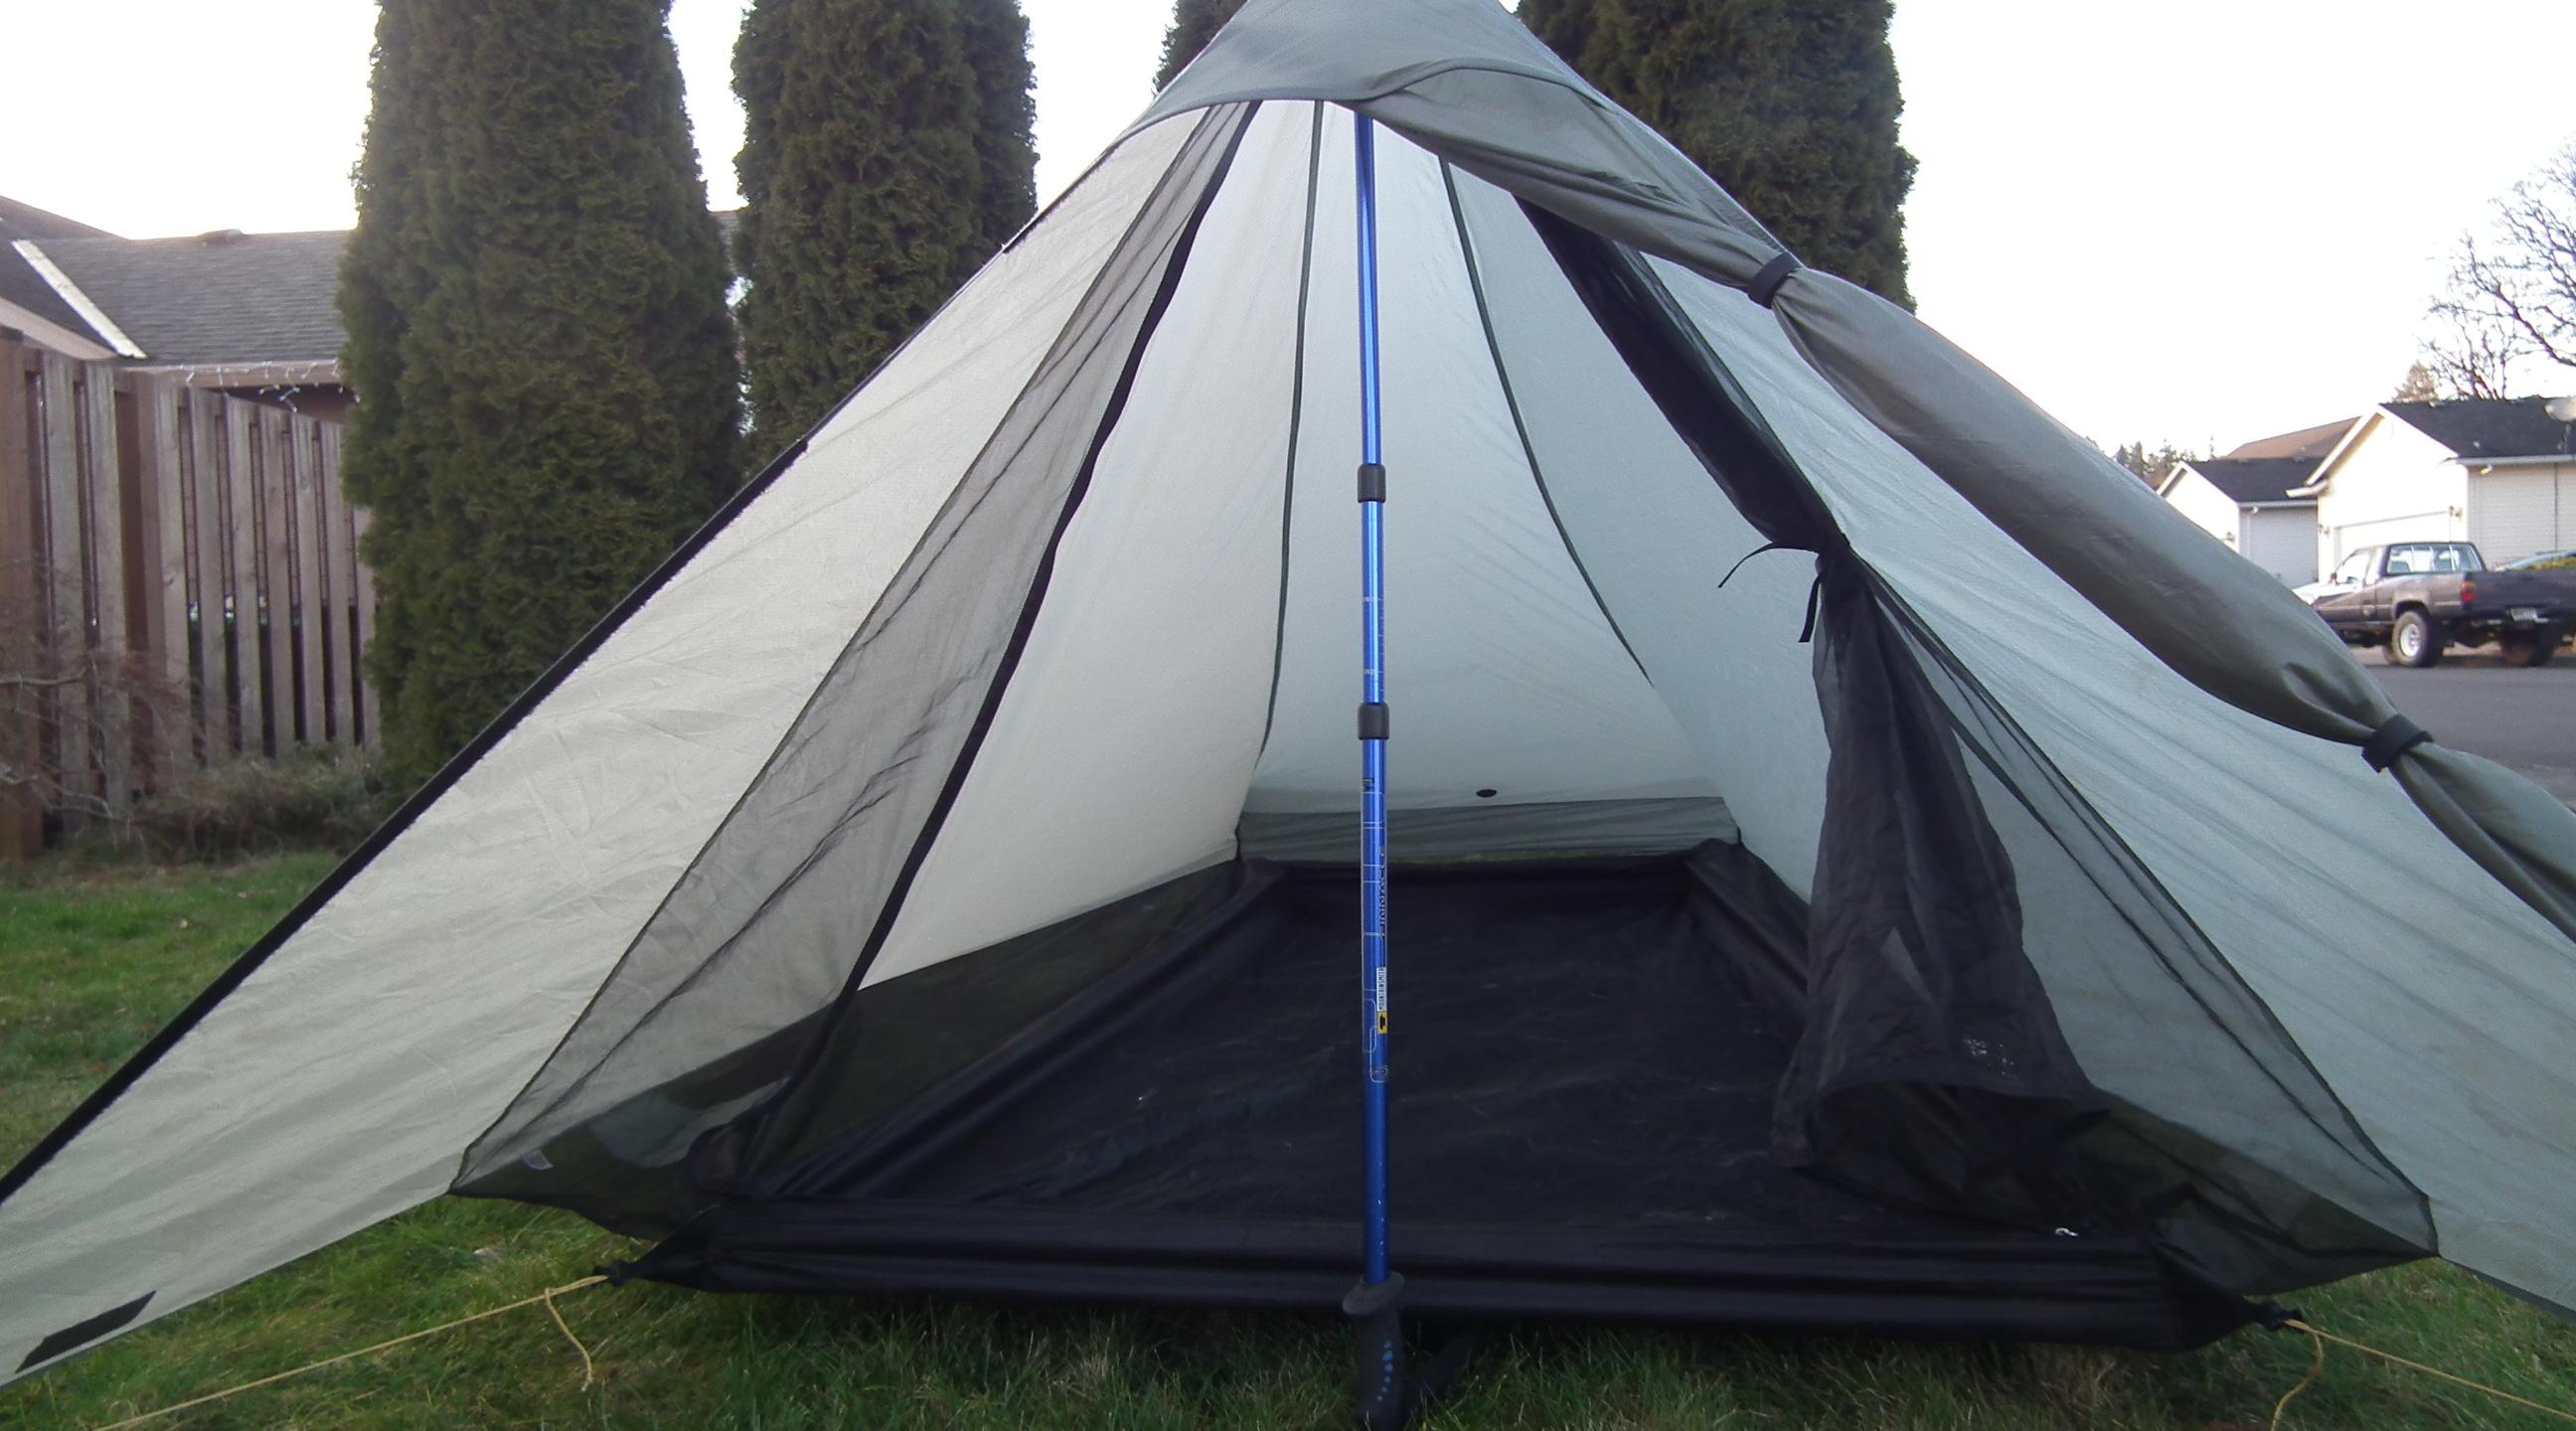 diy cuben fiber tent - oregon hikers